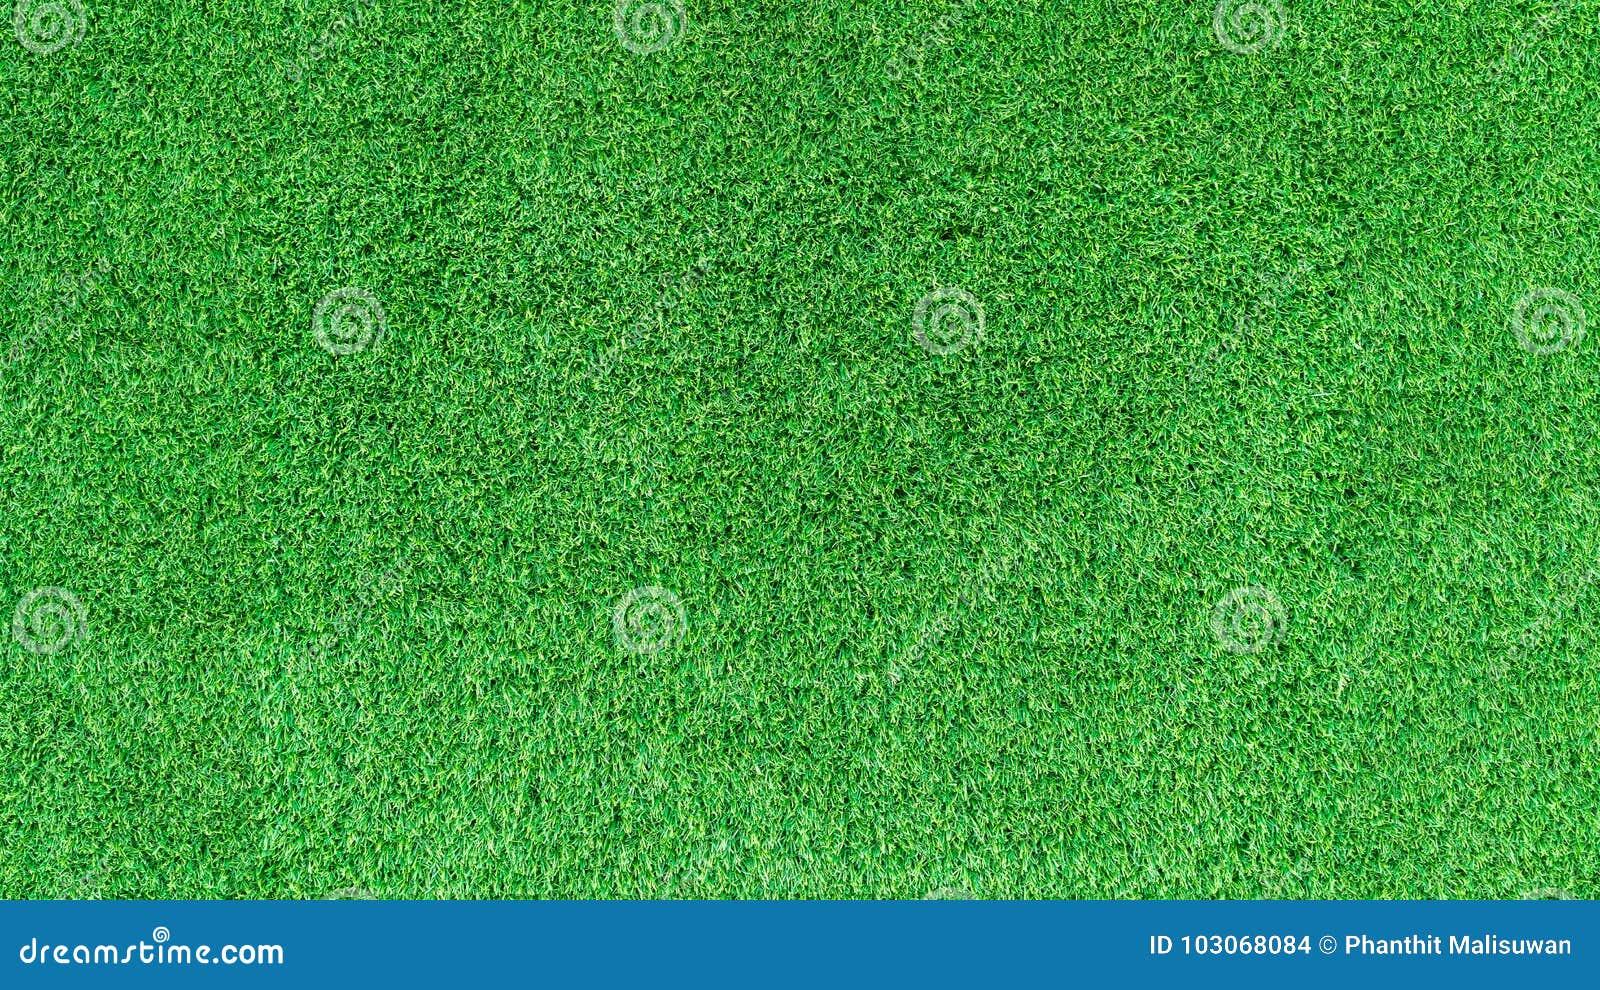 Искусственная текстура зеленой травы или предпосылка зеленой травы для поля для гольфа футбольное поле или предпосылка спорт